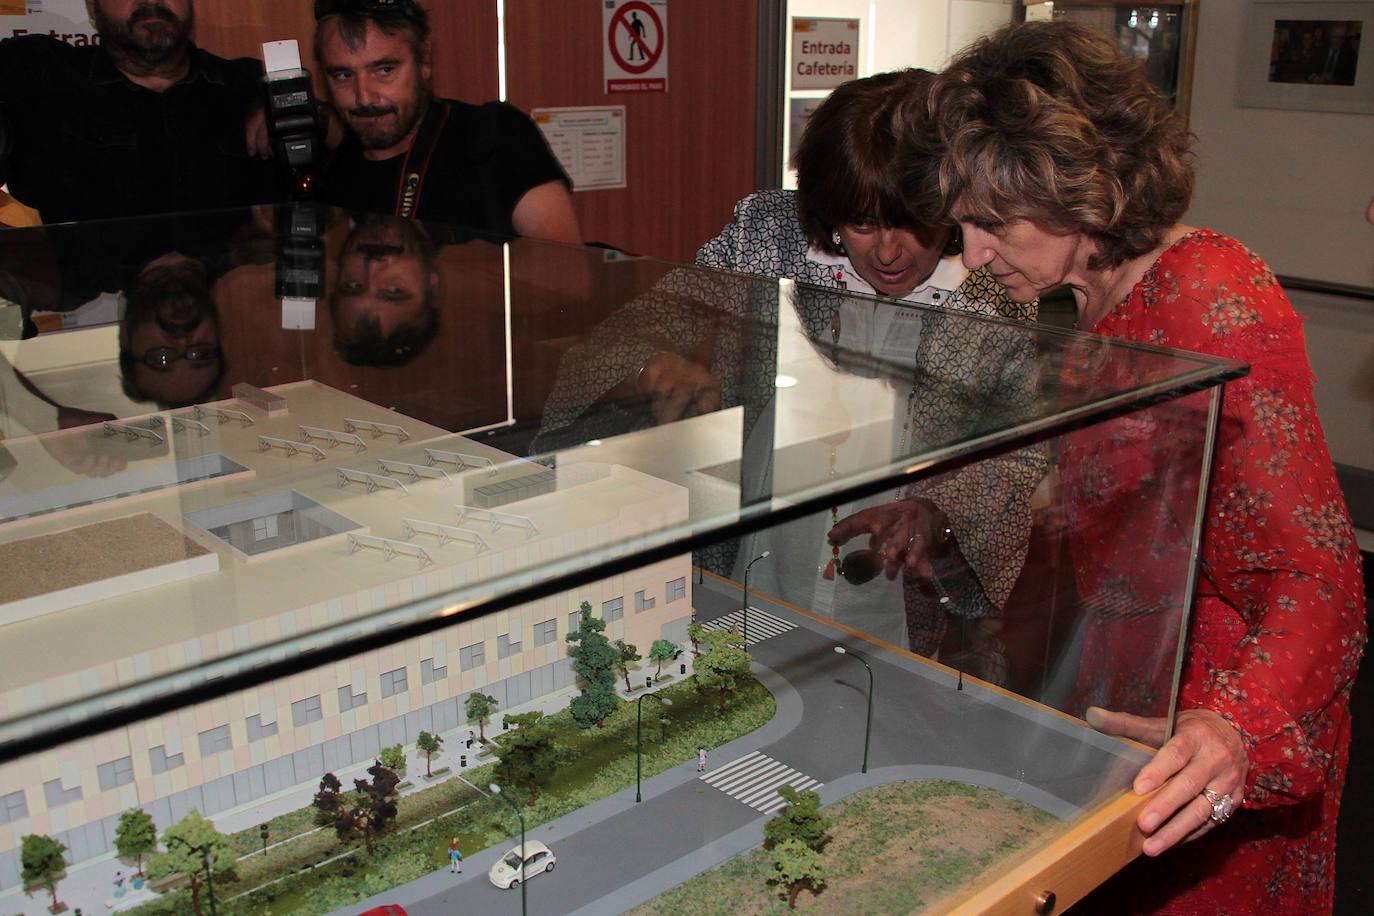 La ministra de Sanidad, María Luisa Carcedo, visita el CRE de San Andrés del Rabanedo